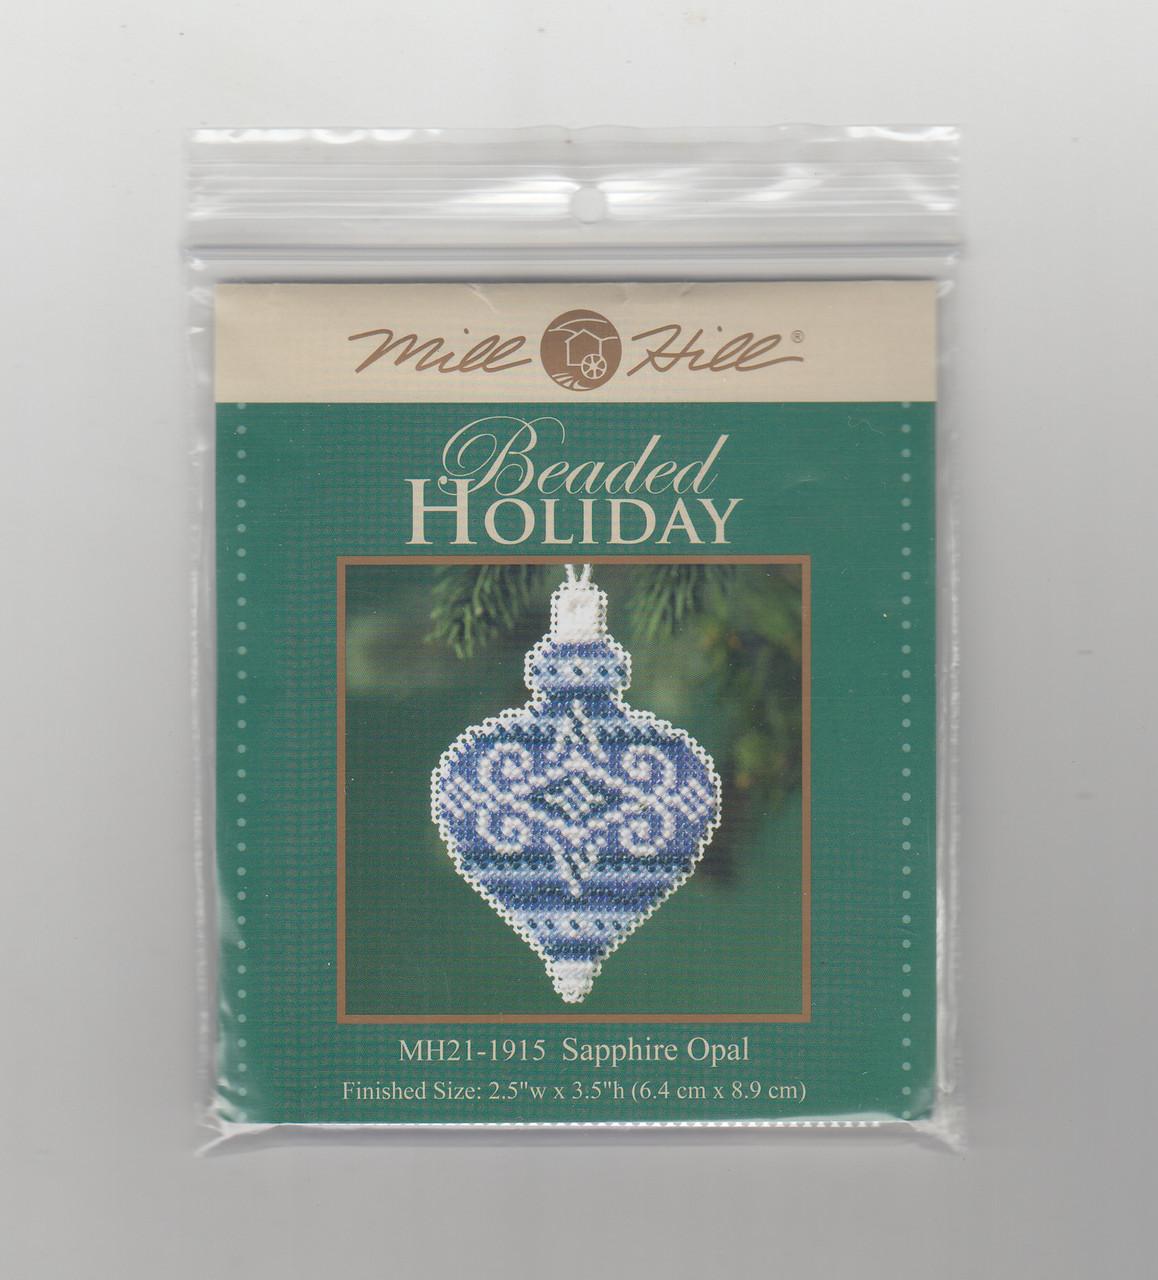 2019 Mill Hill Beaded Holiday Ornament Set (6 Kits)